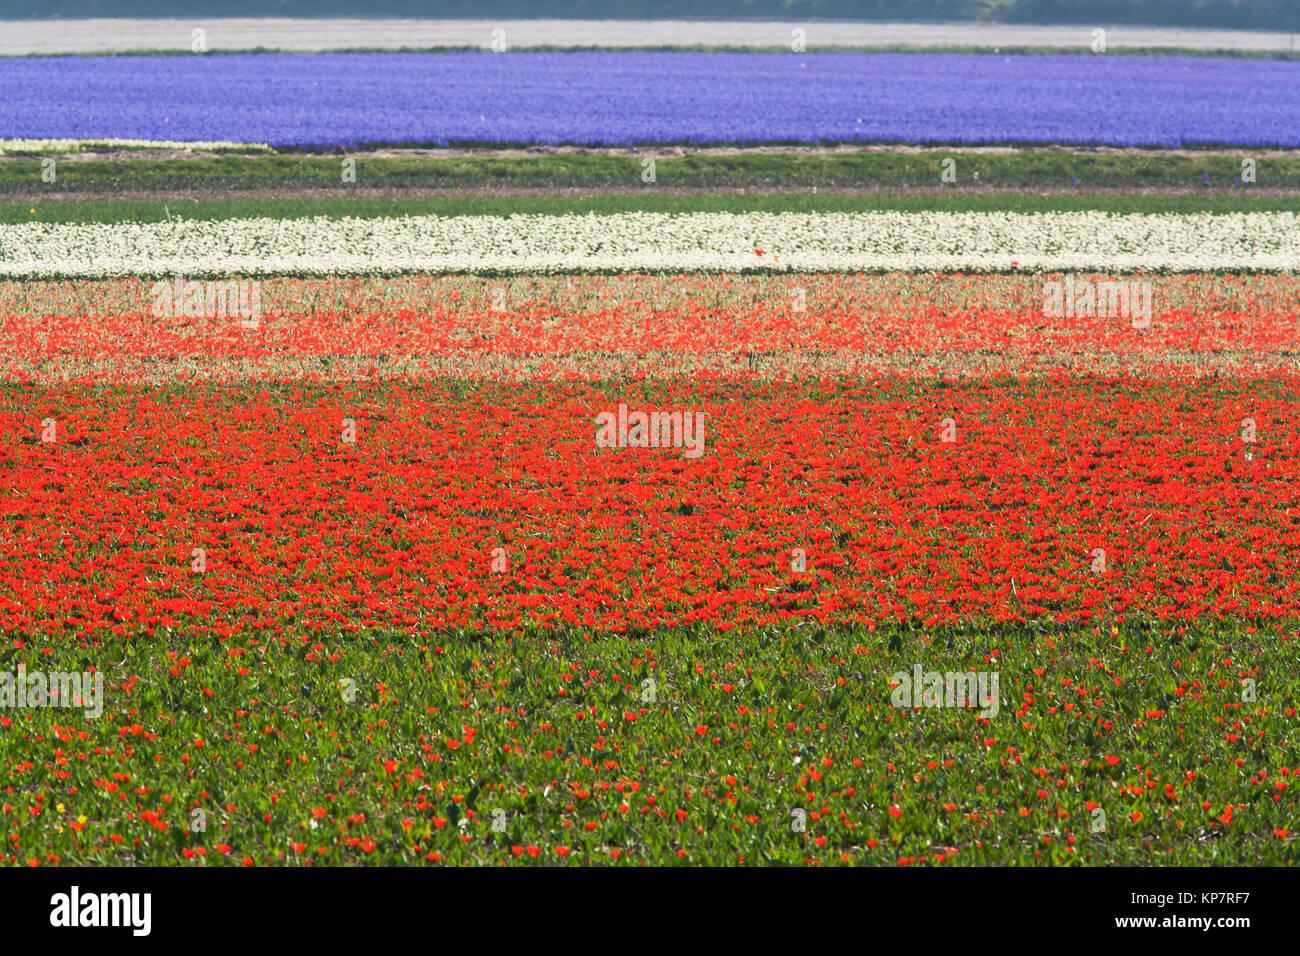 Flower fields - Stock Image